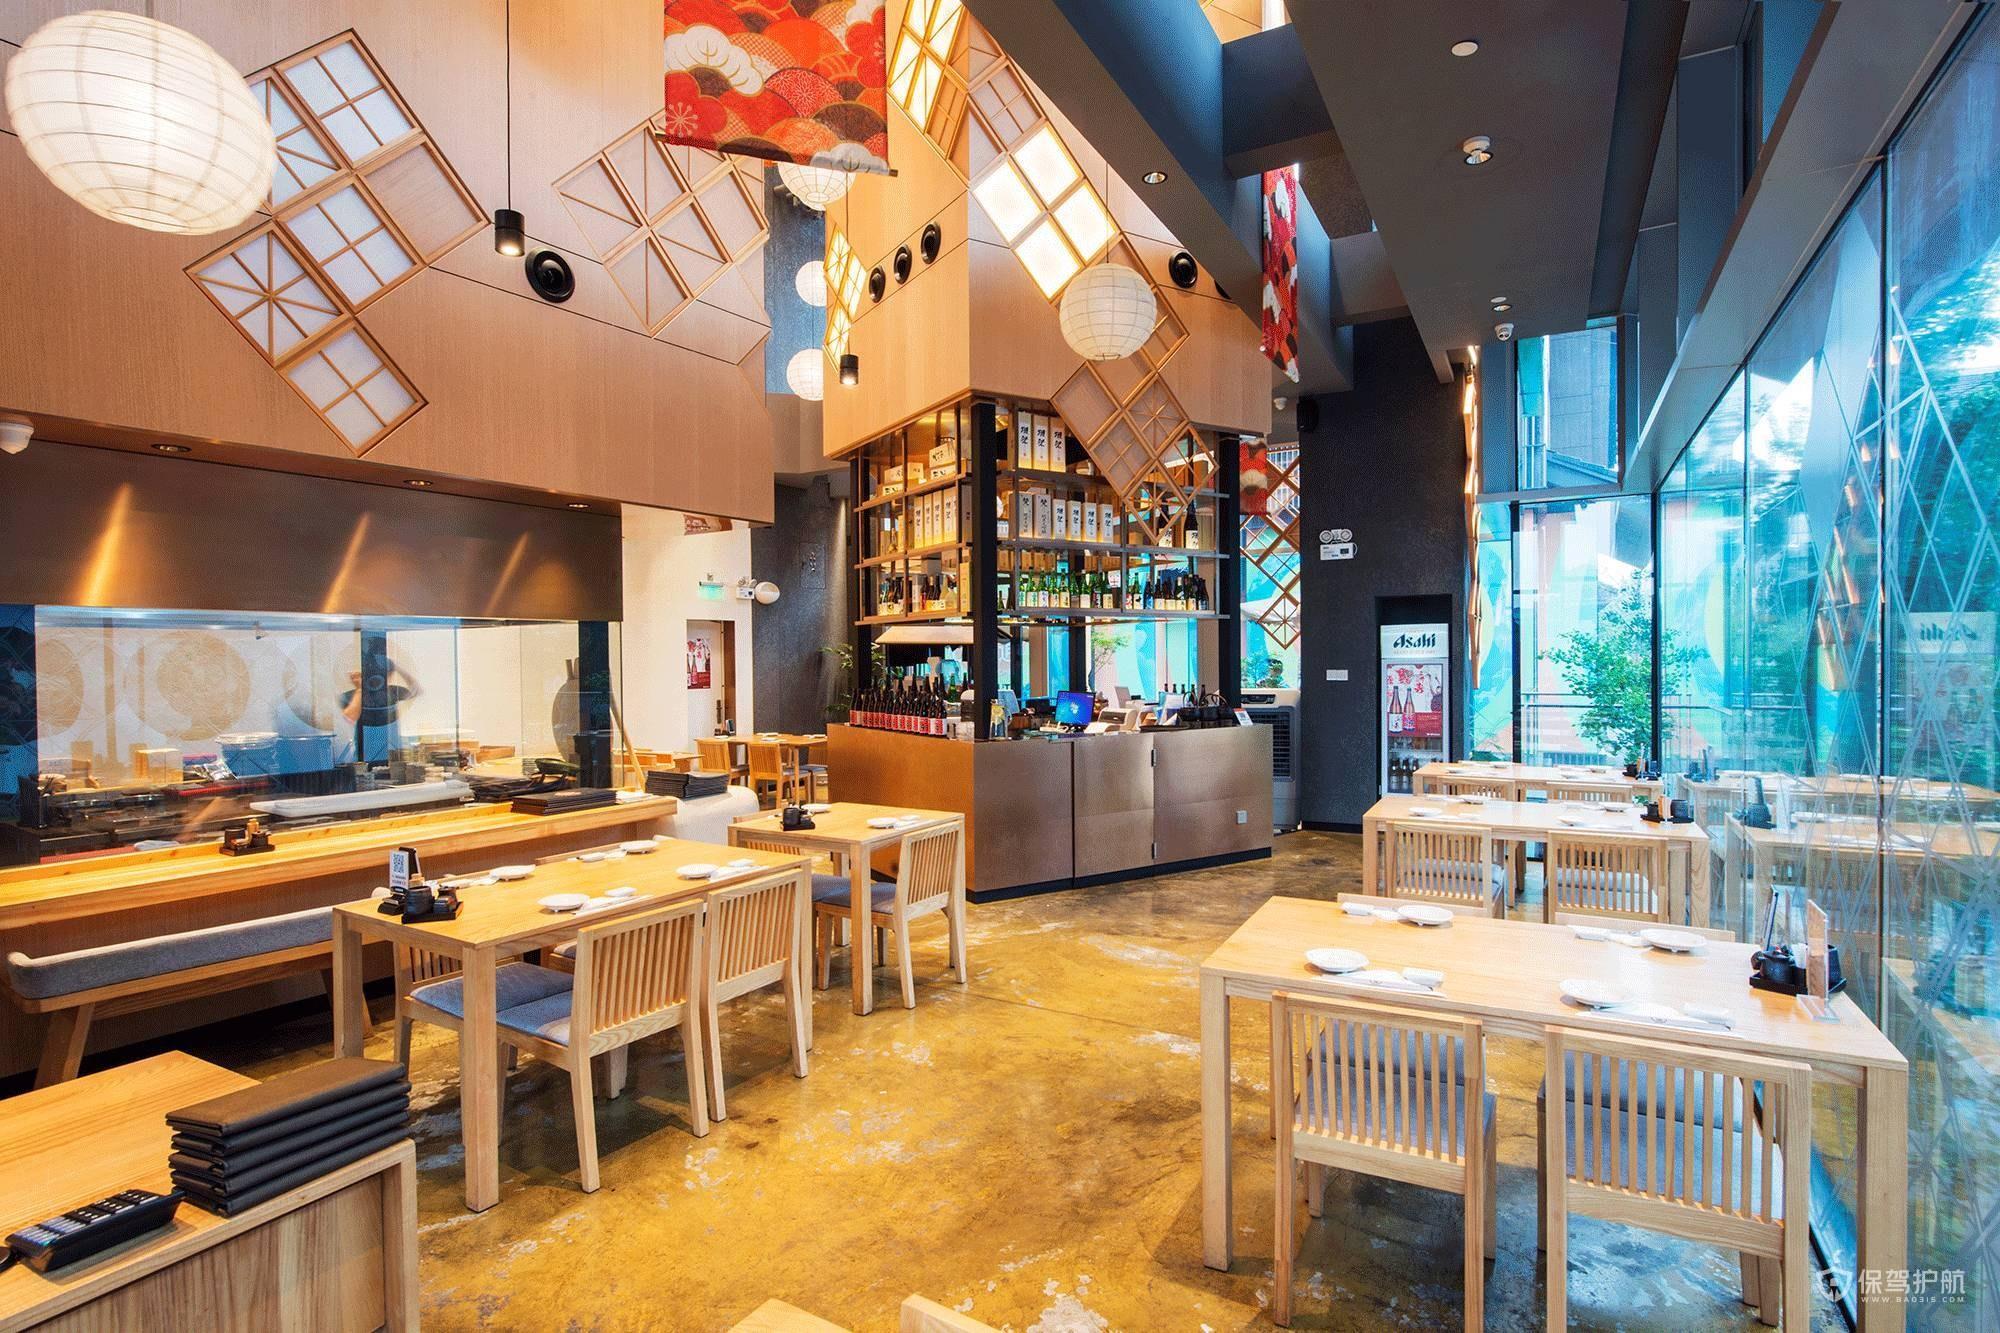 网红日式寿司店装修效果图